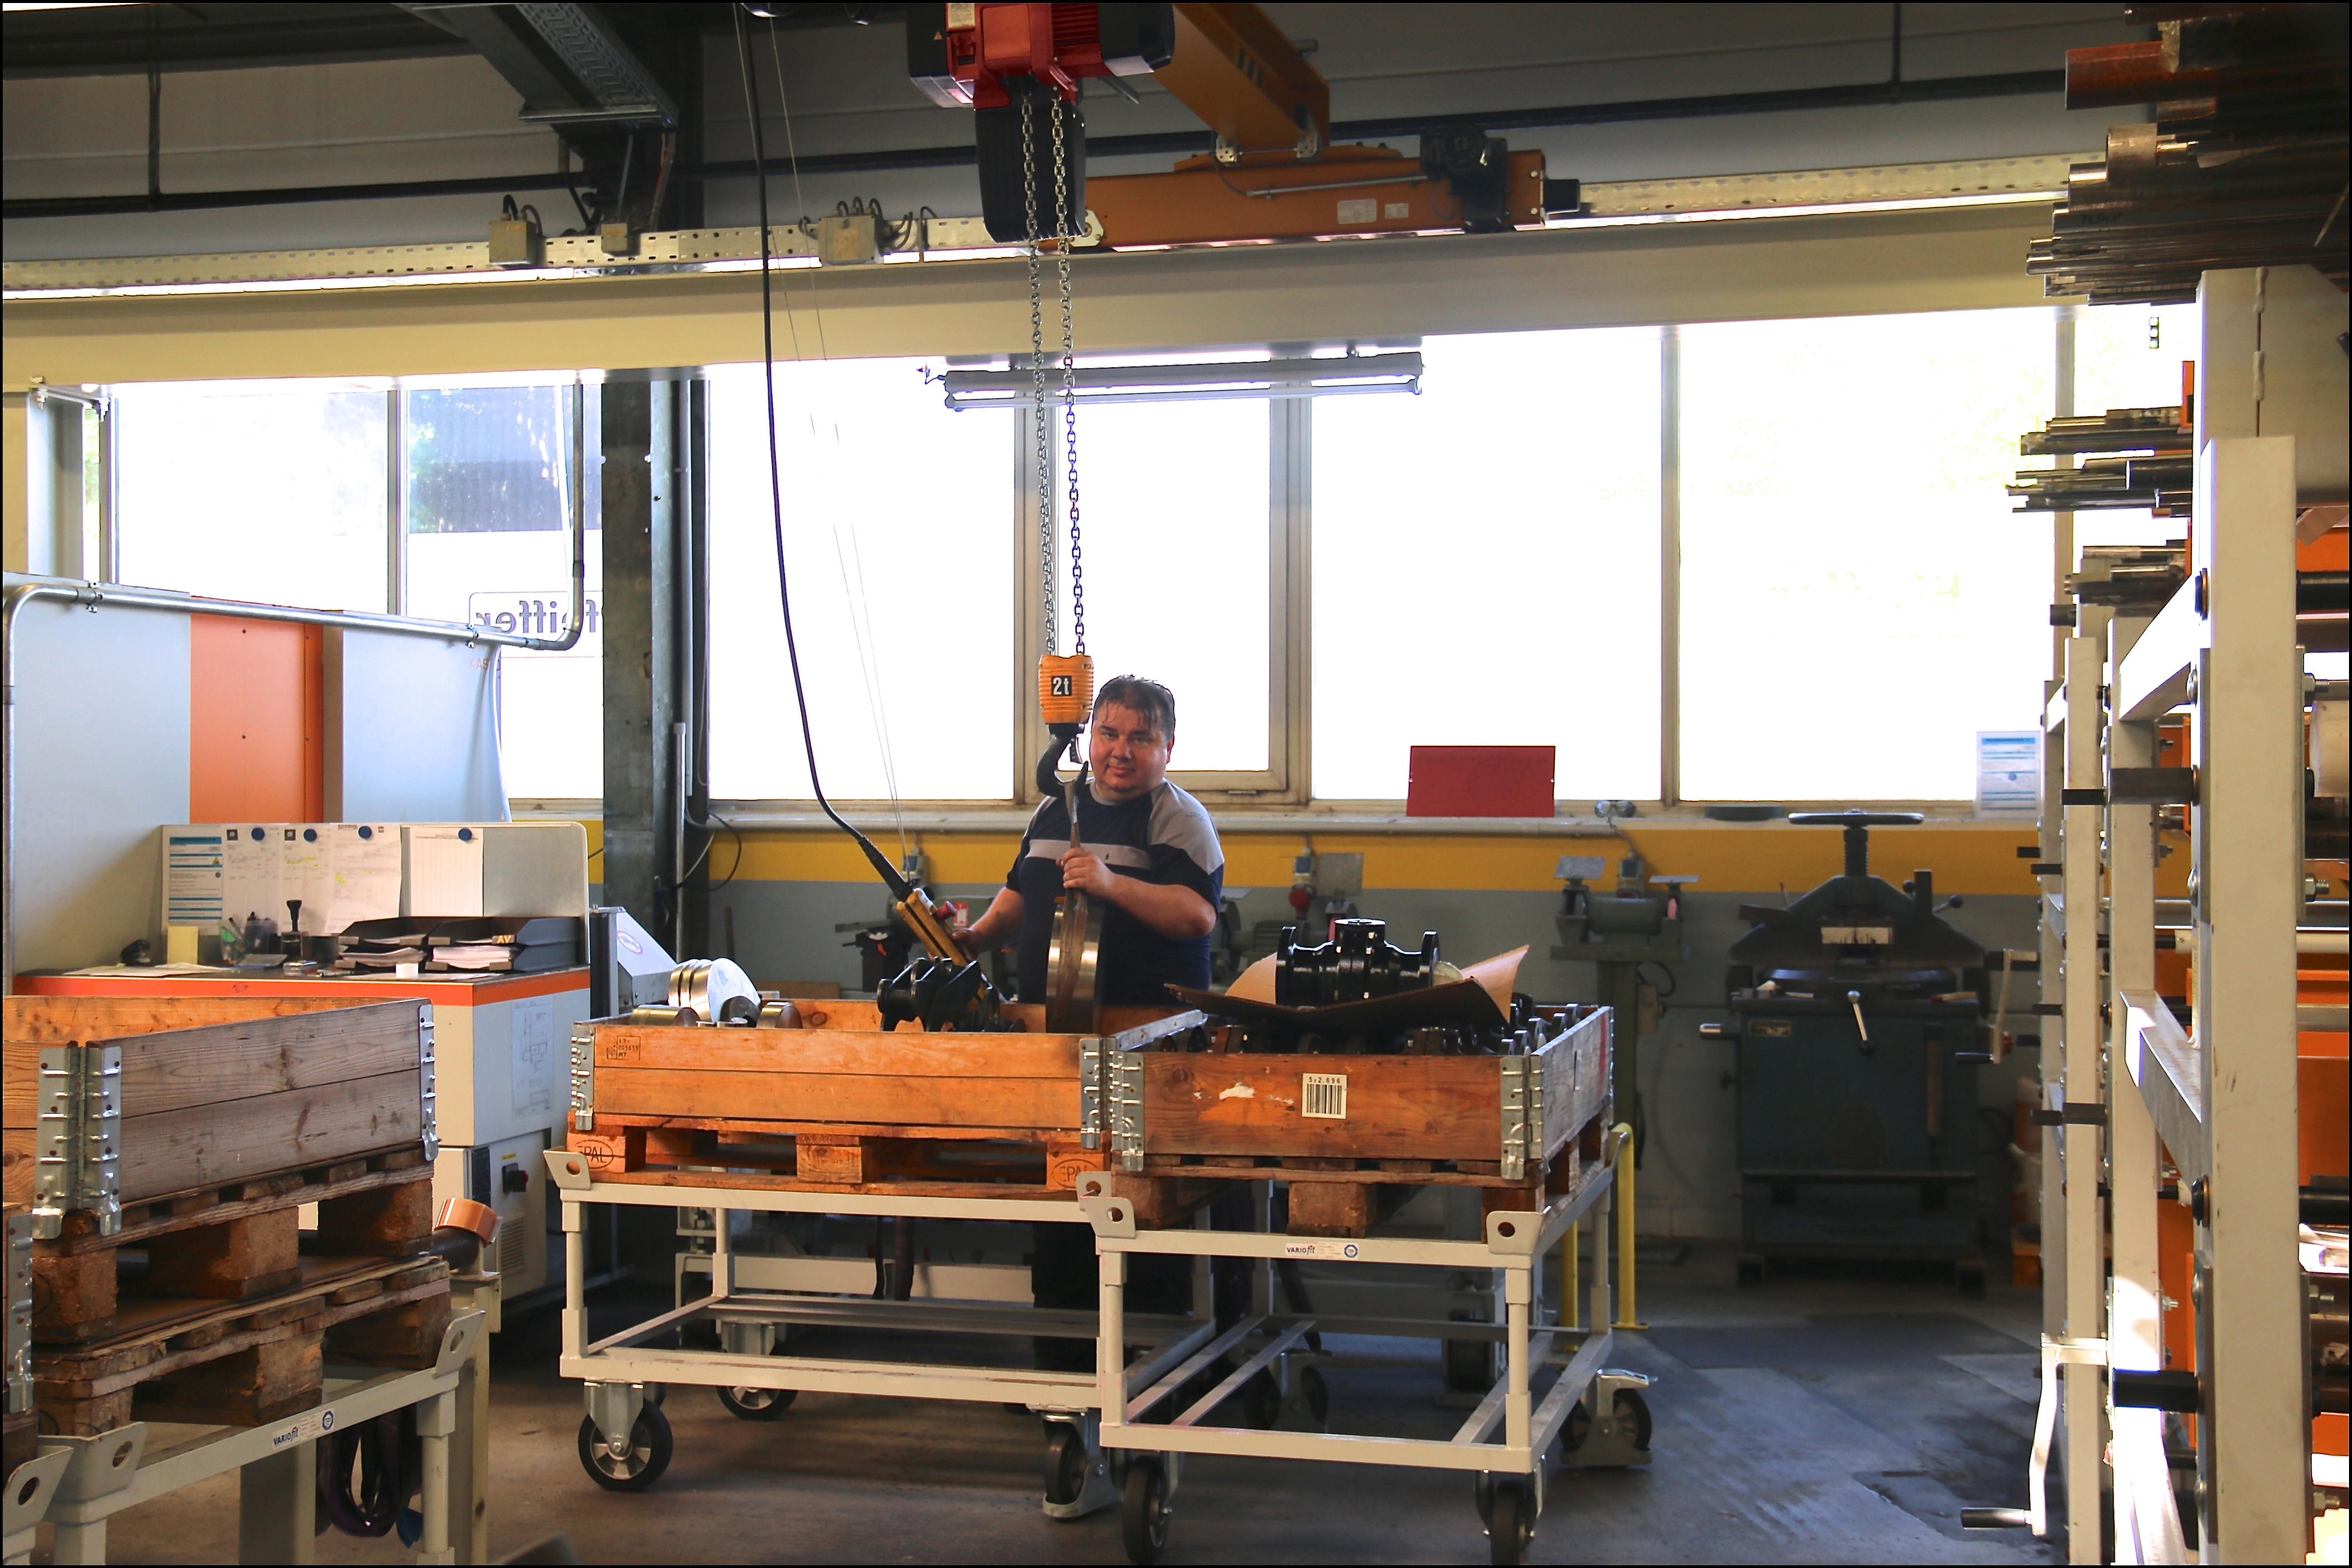 Die Ergonomie an den einzelnen Arbeitsplätzen der Säge wurde mithilfe der Krananlagen deutlich  verbessert